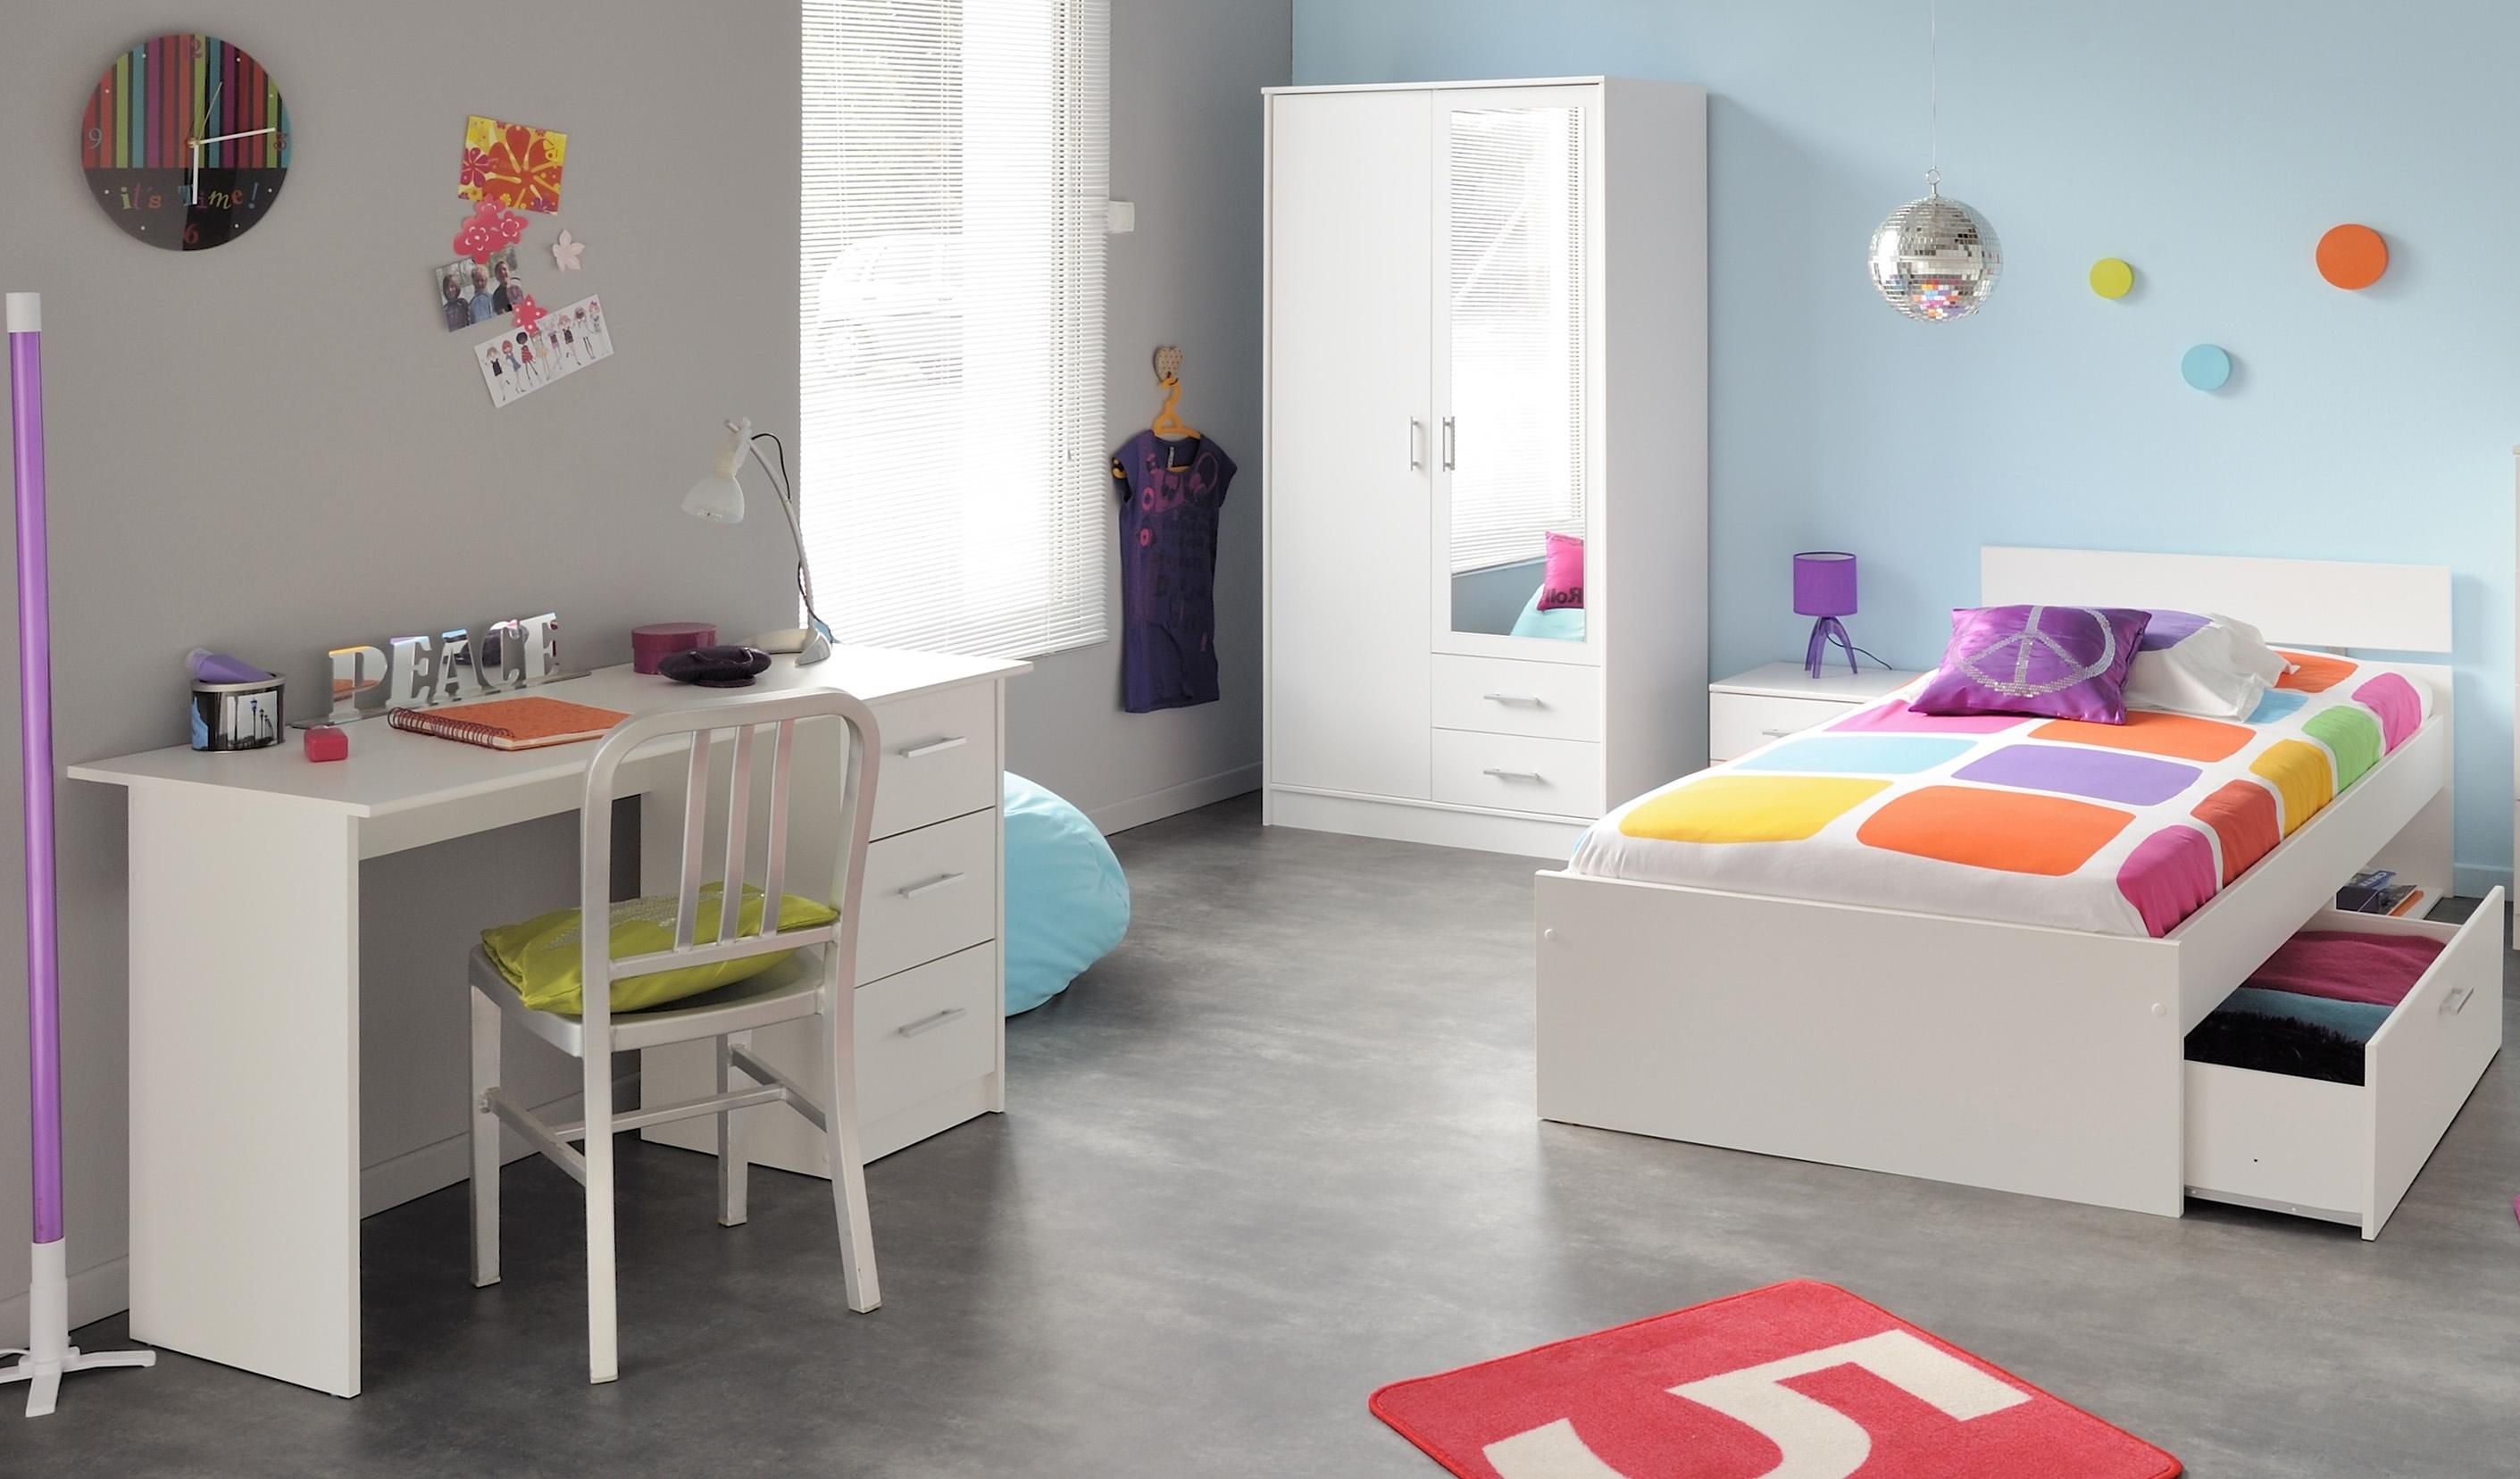 Kinderbedden kopen kies uit meer dan 250 unieke modellen otto - Tiener meubilair ruimte meisje ...